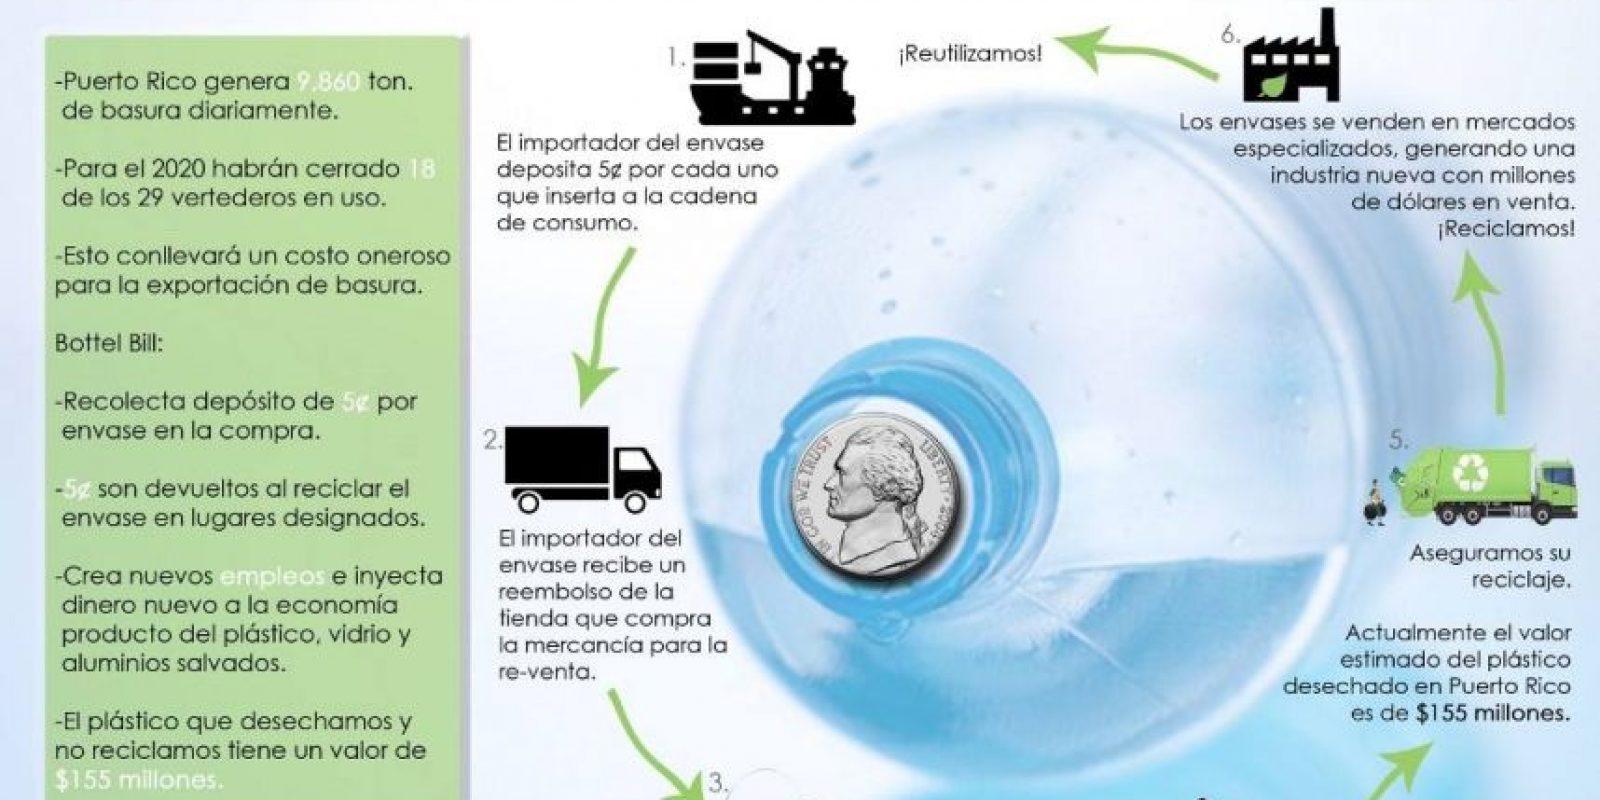 Información de cómo funcionaría el sistema 'bottle bill' Foto:Suministrada. Imagen Por: